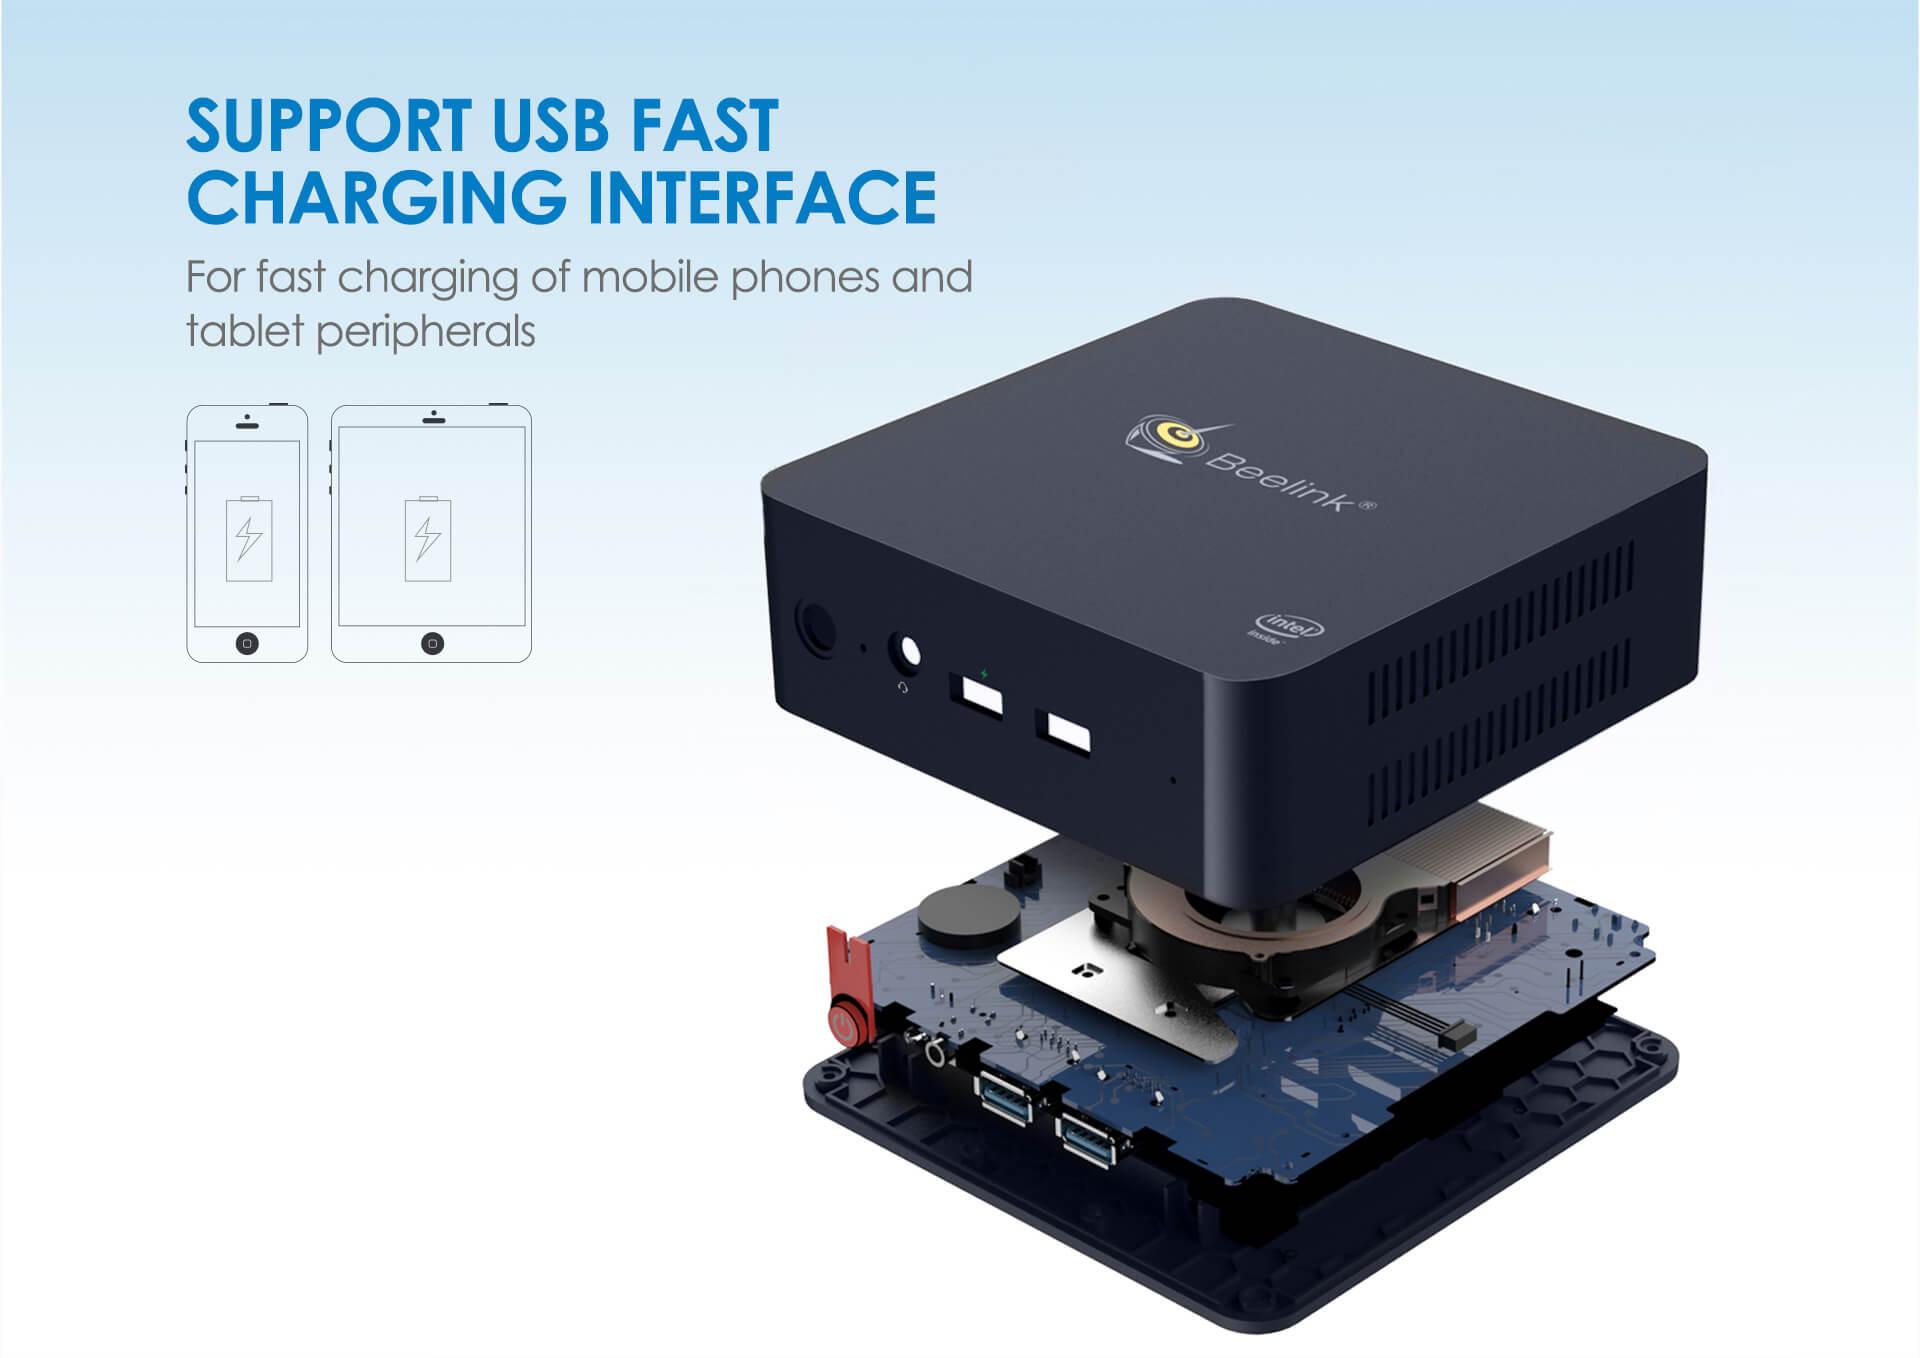 Beelink-L55-mini-PC-fast-charging